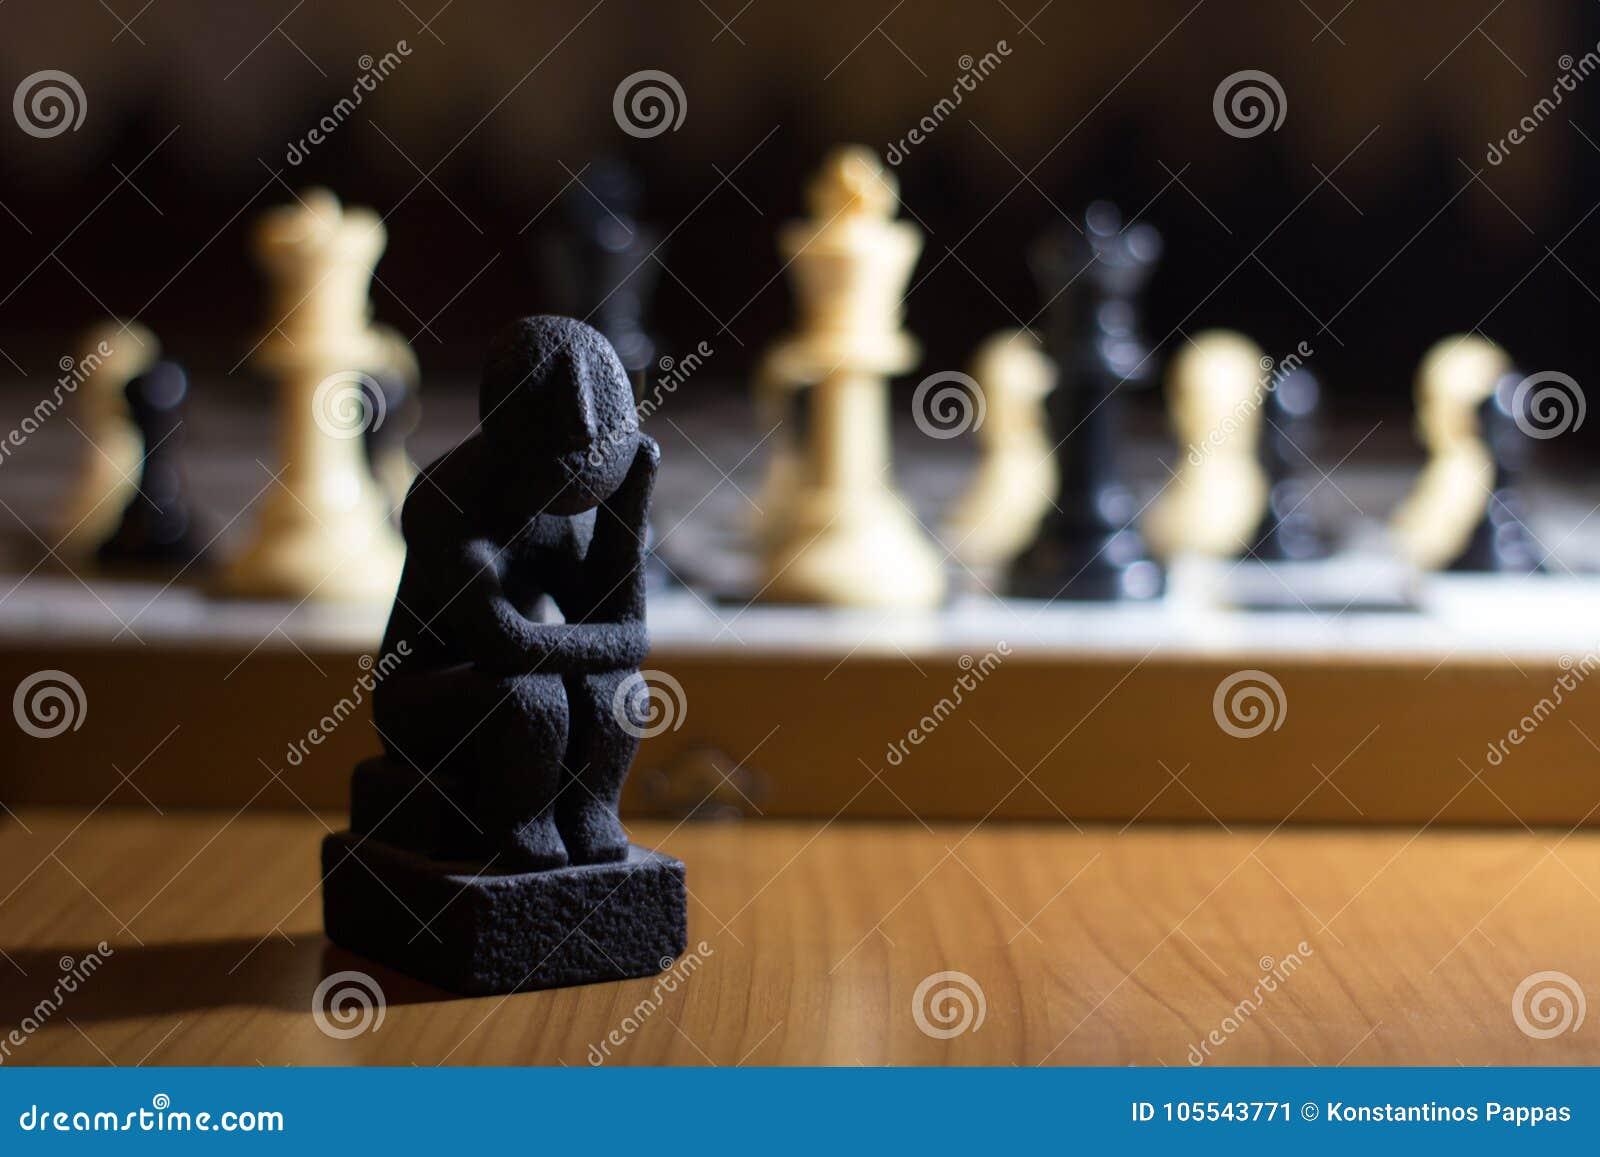 Myśliciel statua na szachowej deski zwitki małym główkowaniu o st